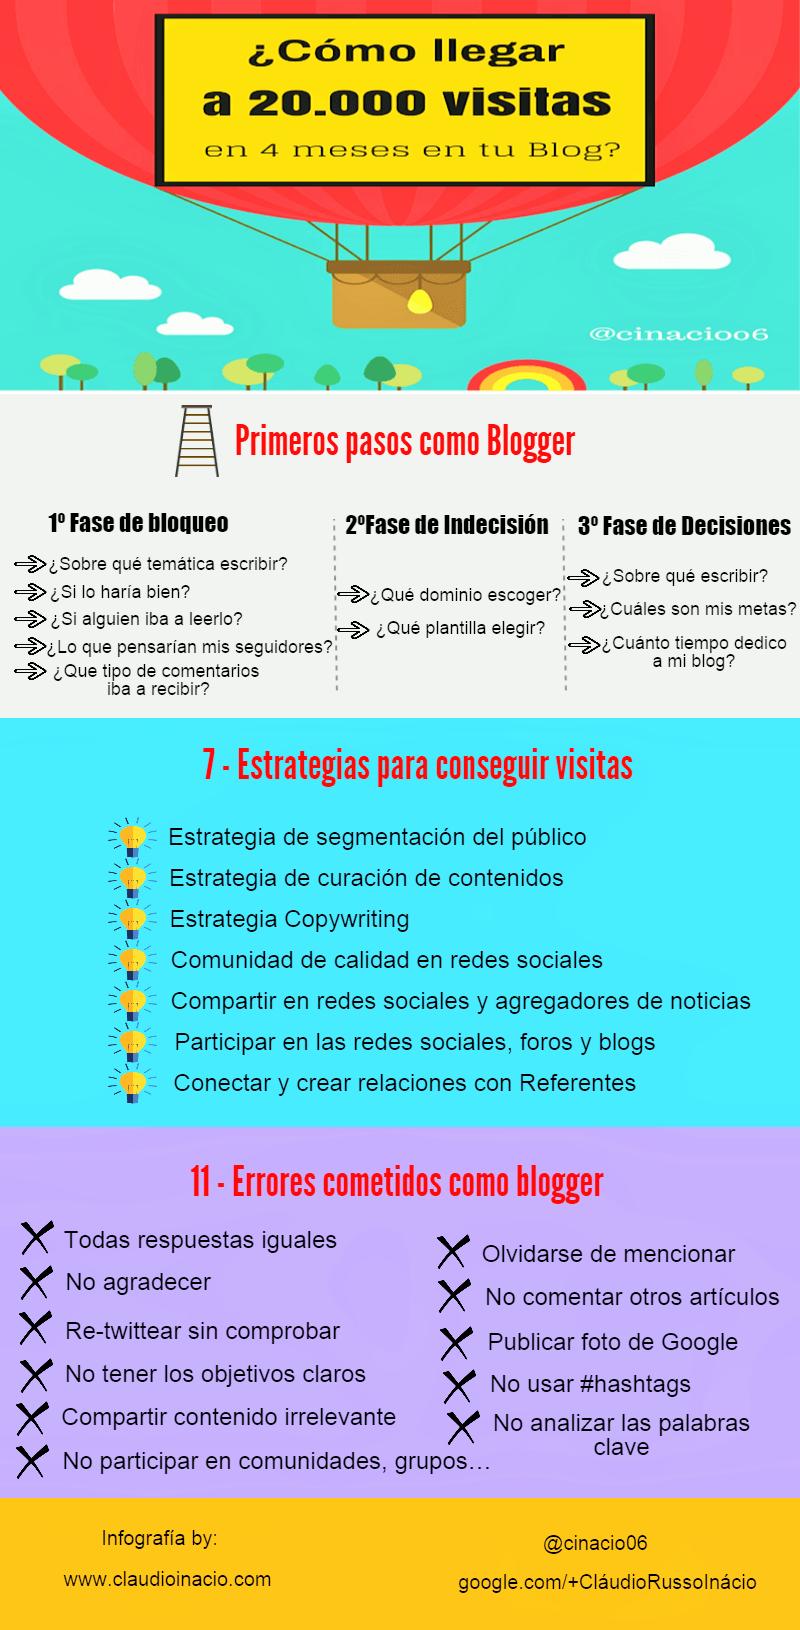 Cómo llegar a 20.000 visitas en 4 meses en tu Blog